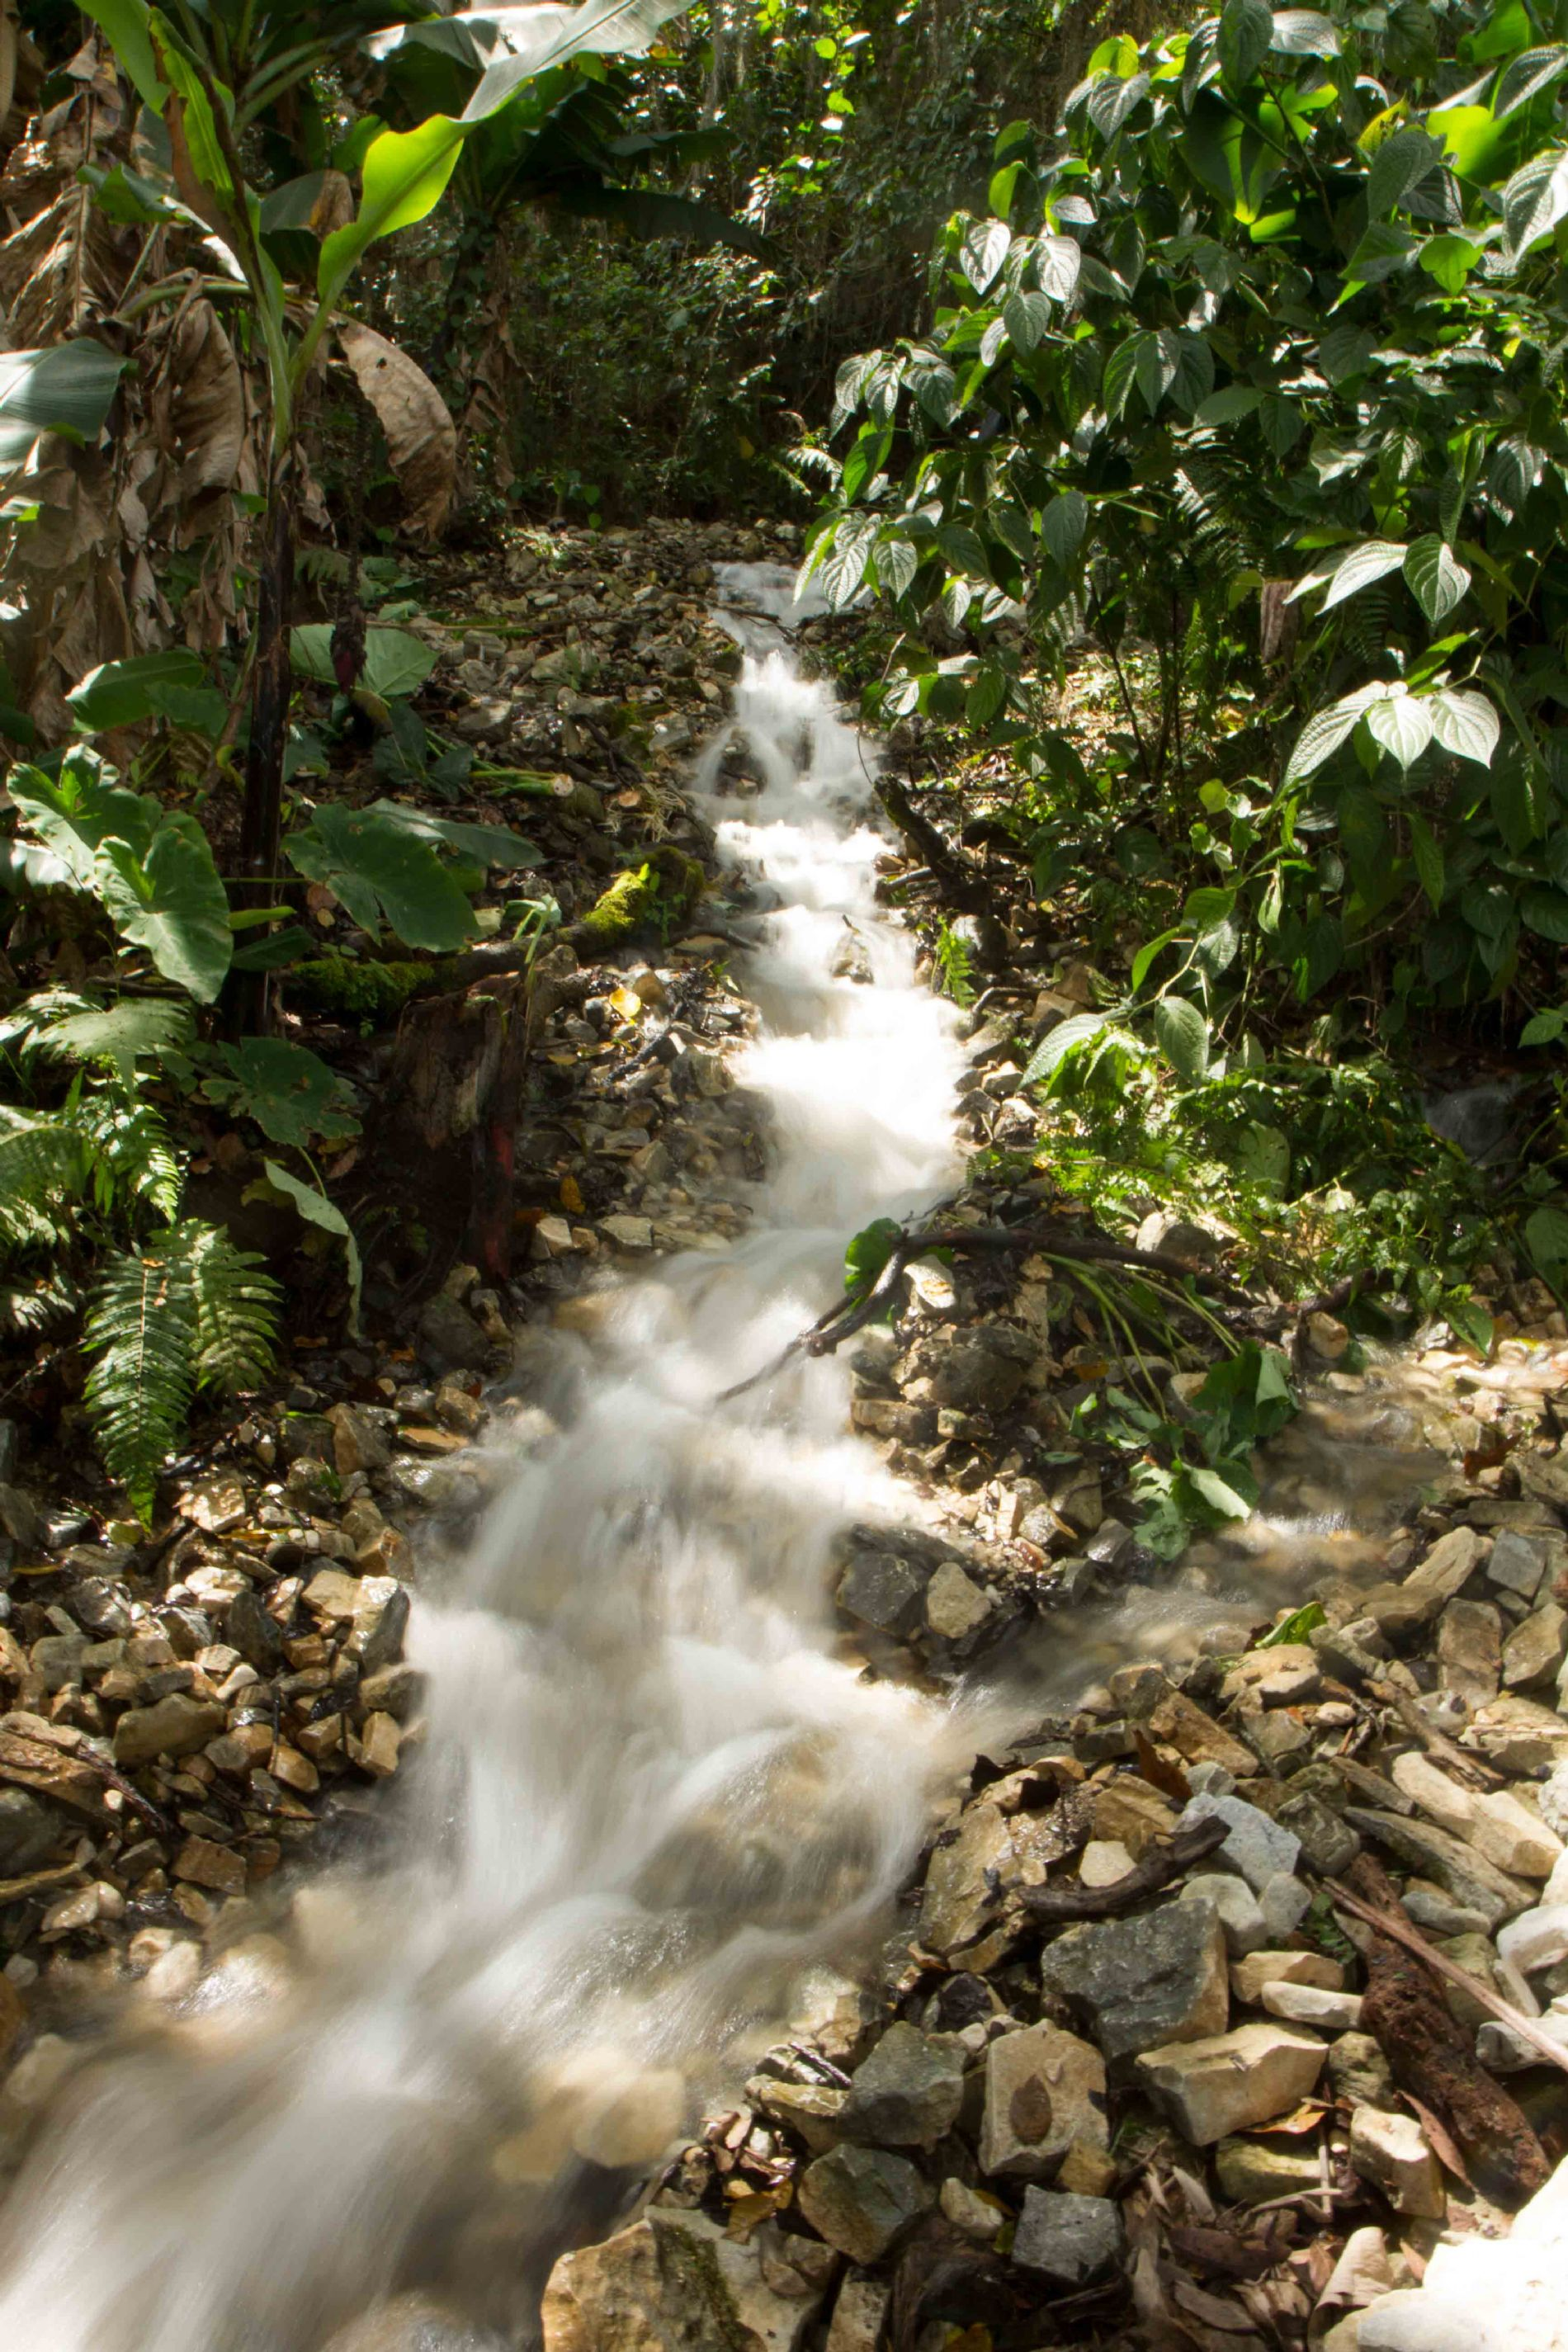 CONTRA EL HAMBRE Y LA POBREZA EN LA RESERVA DE BIOSFERA TRANSFRONTERIZA ENTRE REPÚBLICA DOMINICANA Y HAITÍ